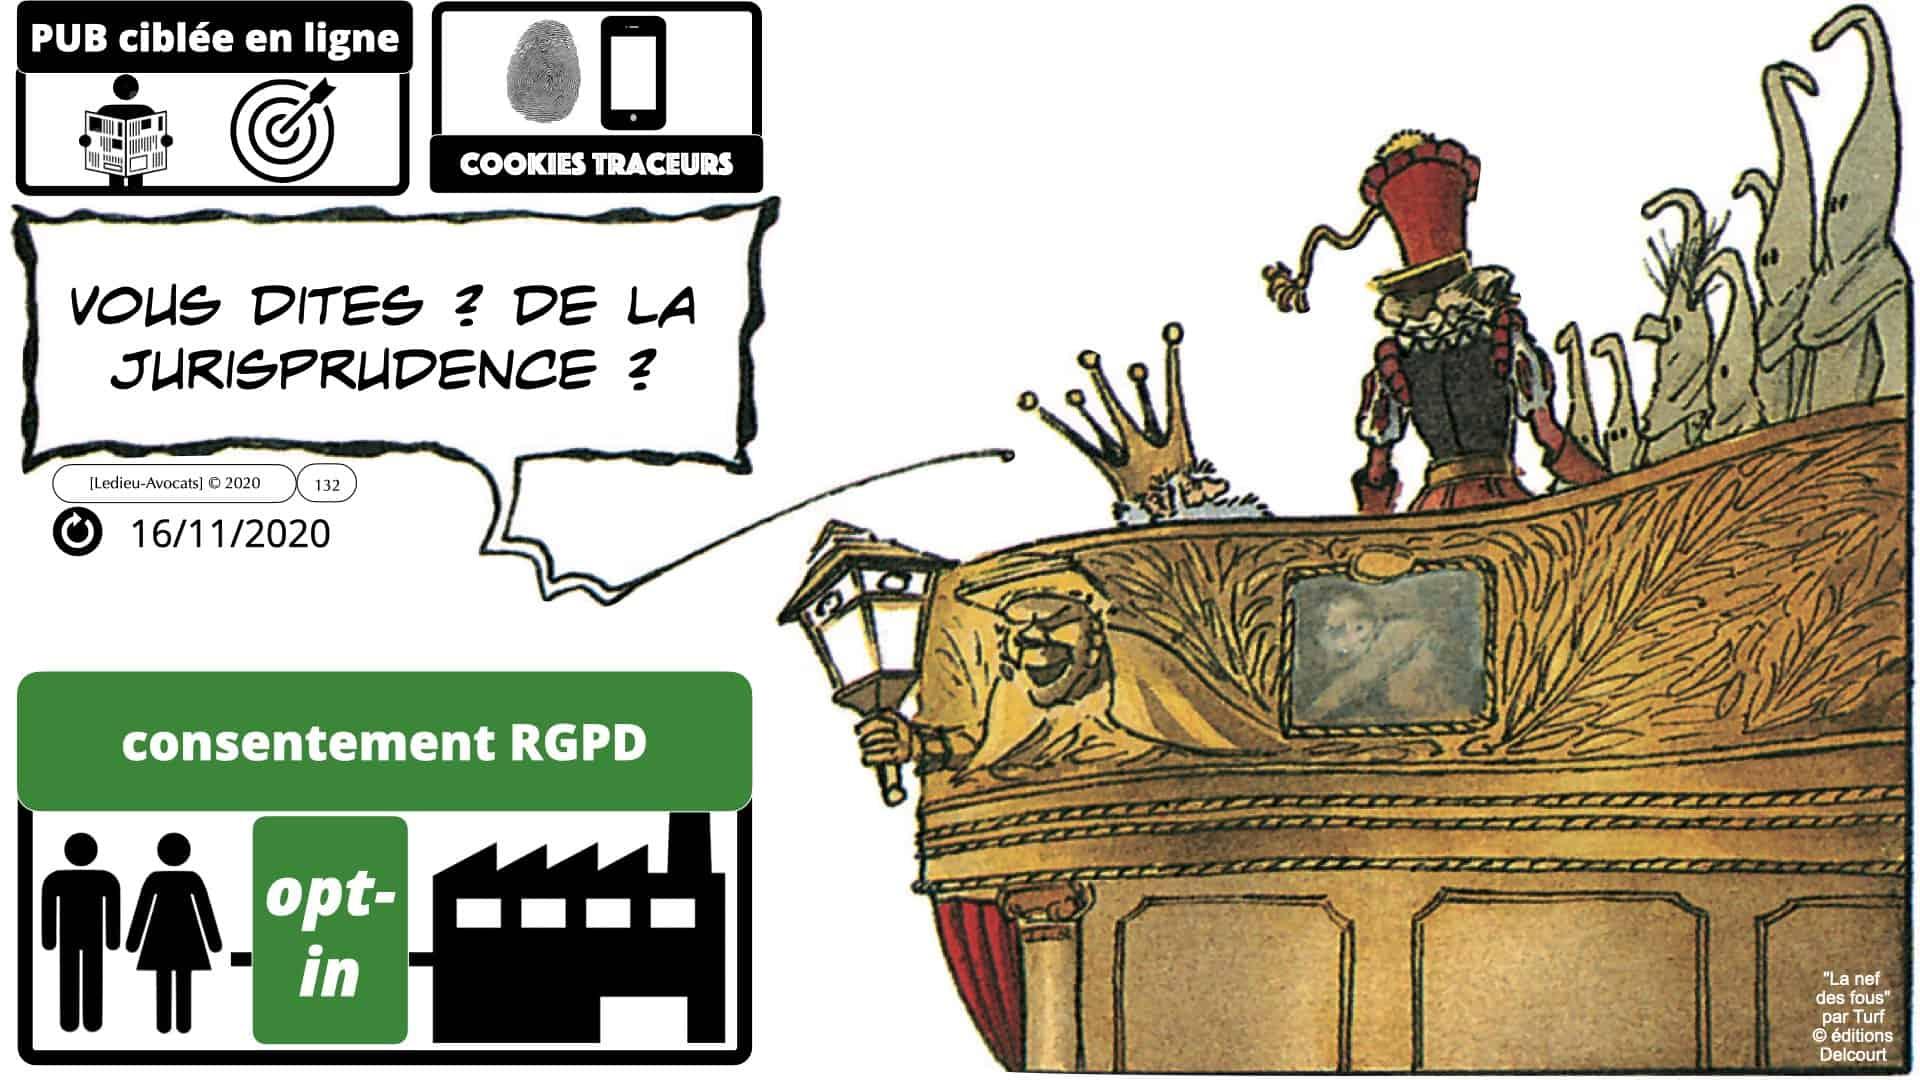 RGPD e-Privacy données personnelles jurisprudence formation Lamy Les Echos 10-02-2021 ©Ledieu-Avocats.132